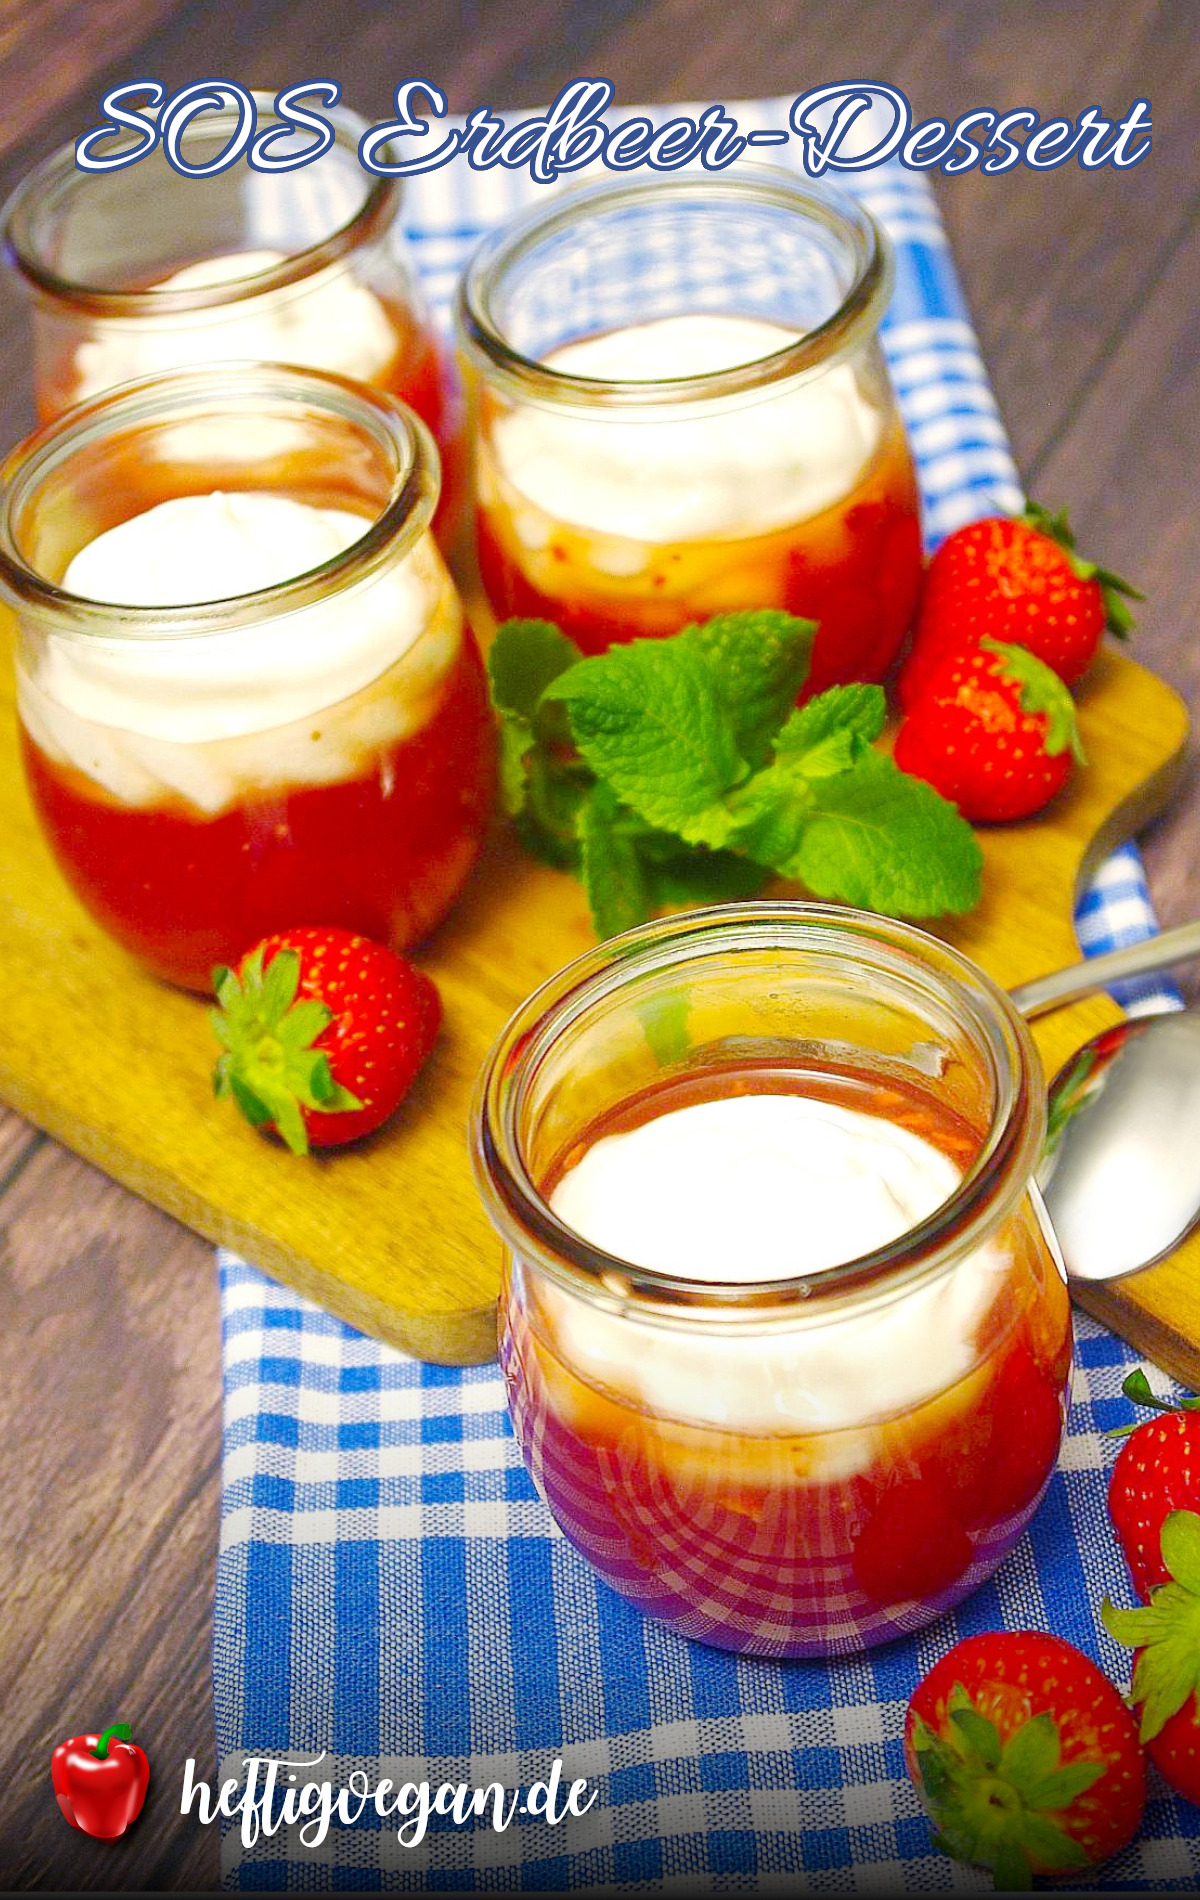 SOS Erdbeer-Dessert auf Pinterest